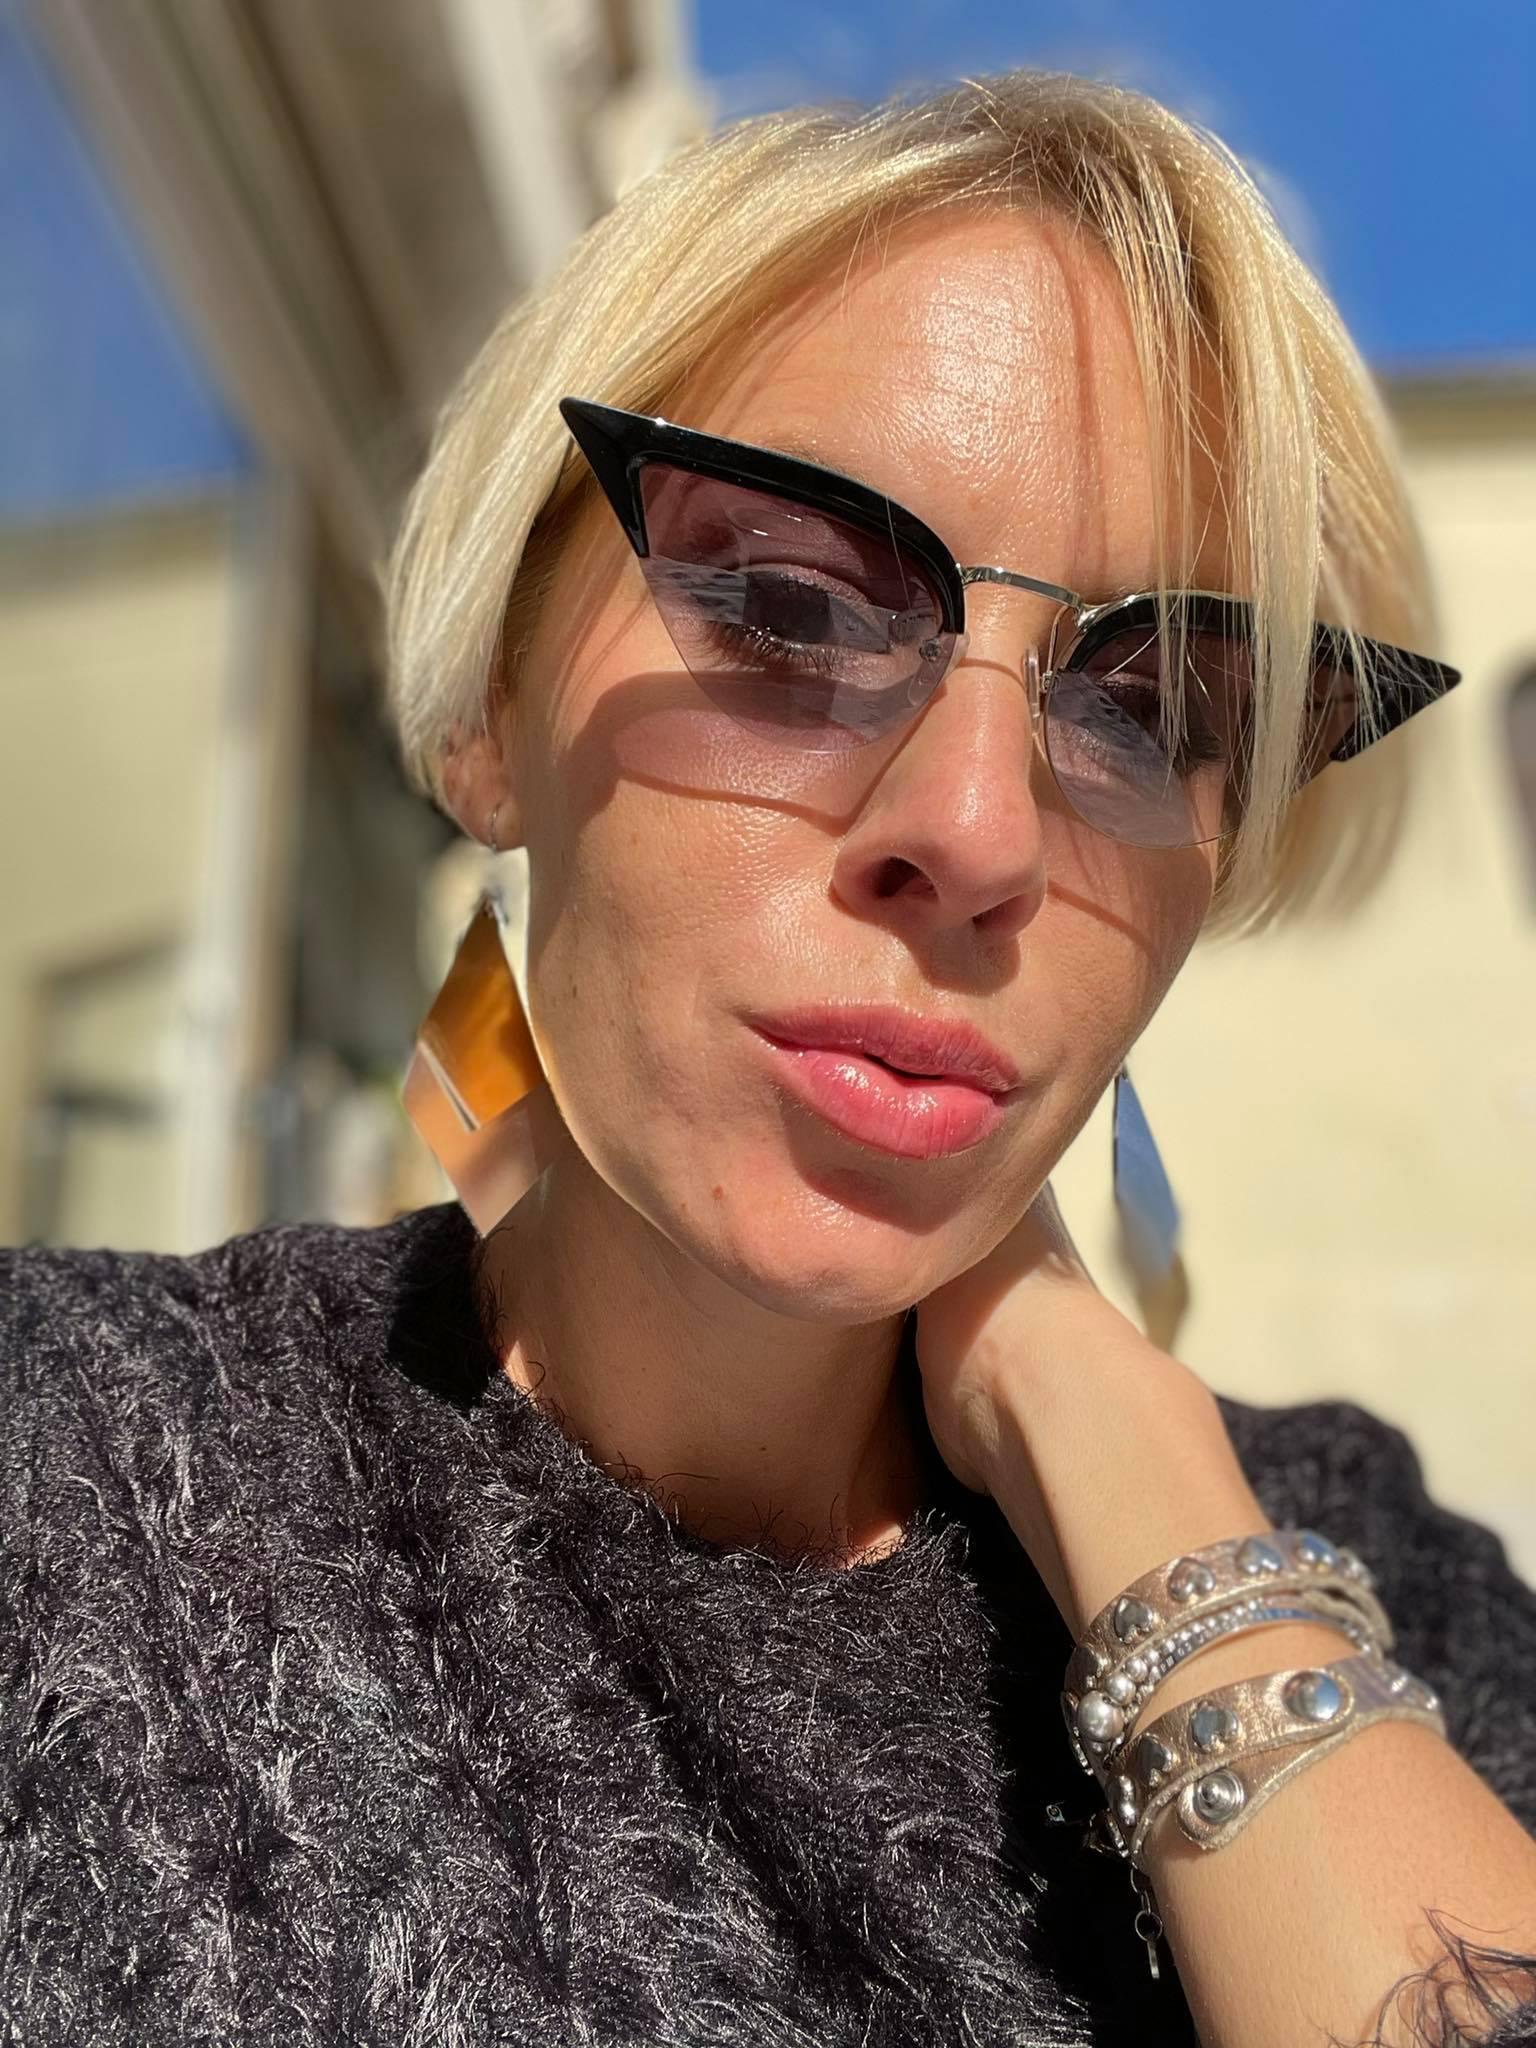 StajleRIca: Eva Usmiani Capobianco